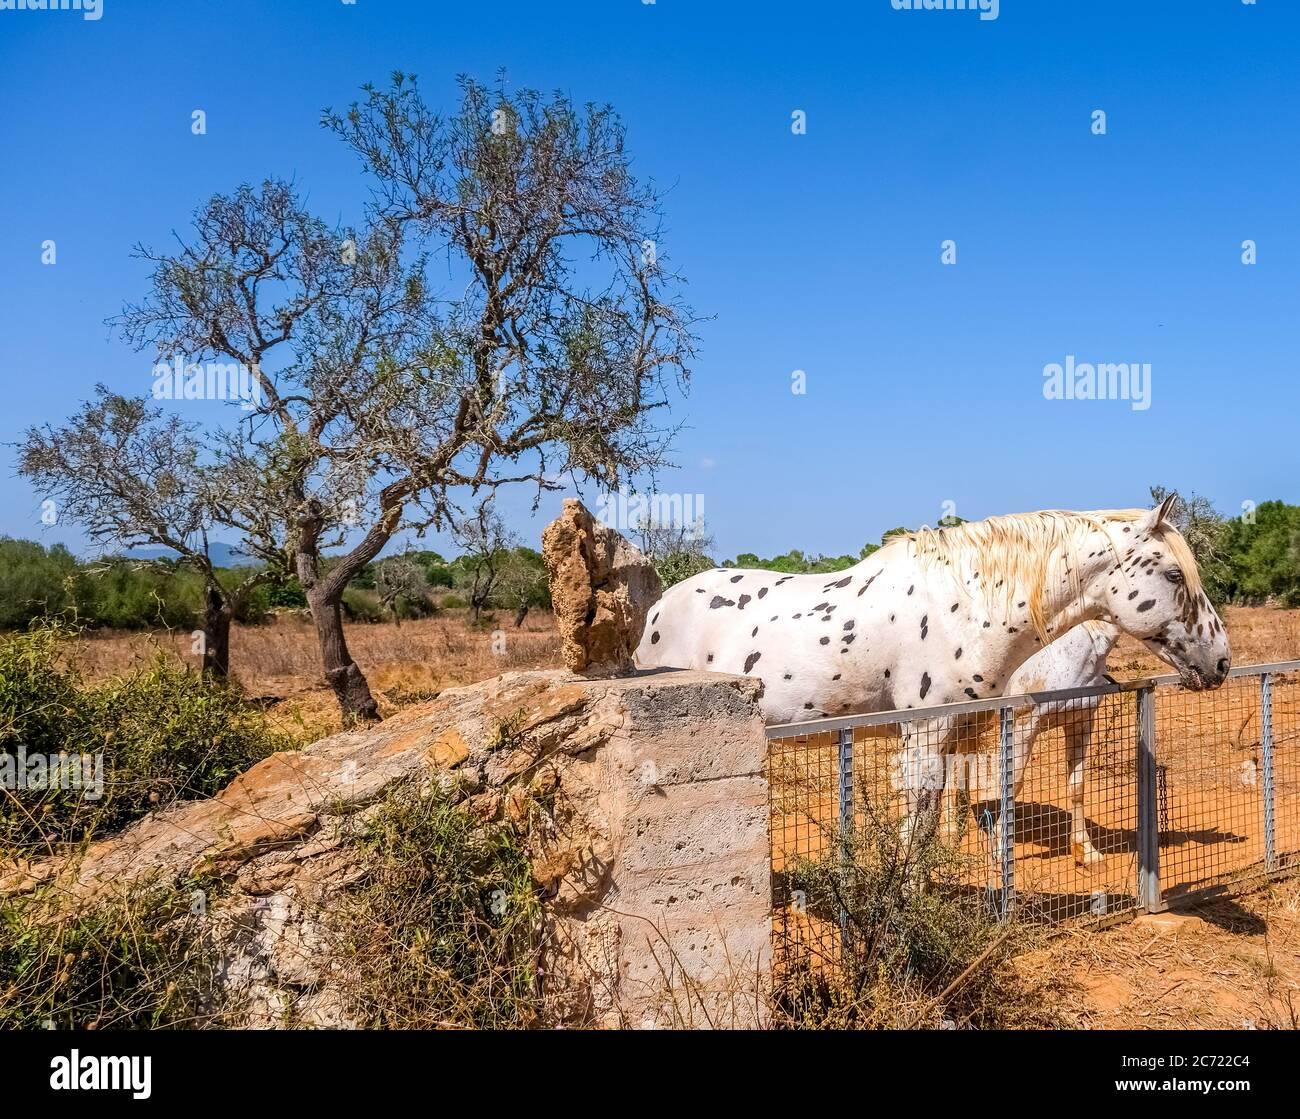 Apfelgrau, Pferd ähnlich Pippi Langstrumpf (mit vollem Namen Pippilotta Viktualia Rollgardina Peppermint Efraim's Tochter Langstrumpf), auf eine Vergangenheit Stockfoto